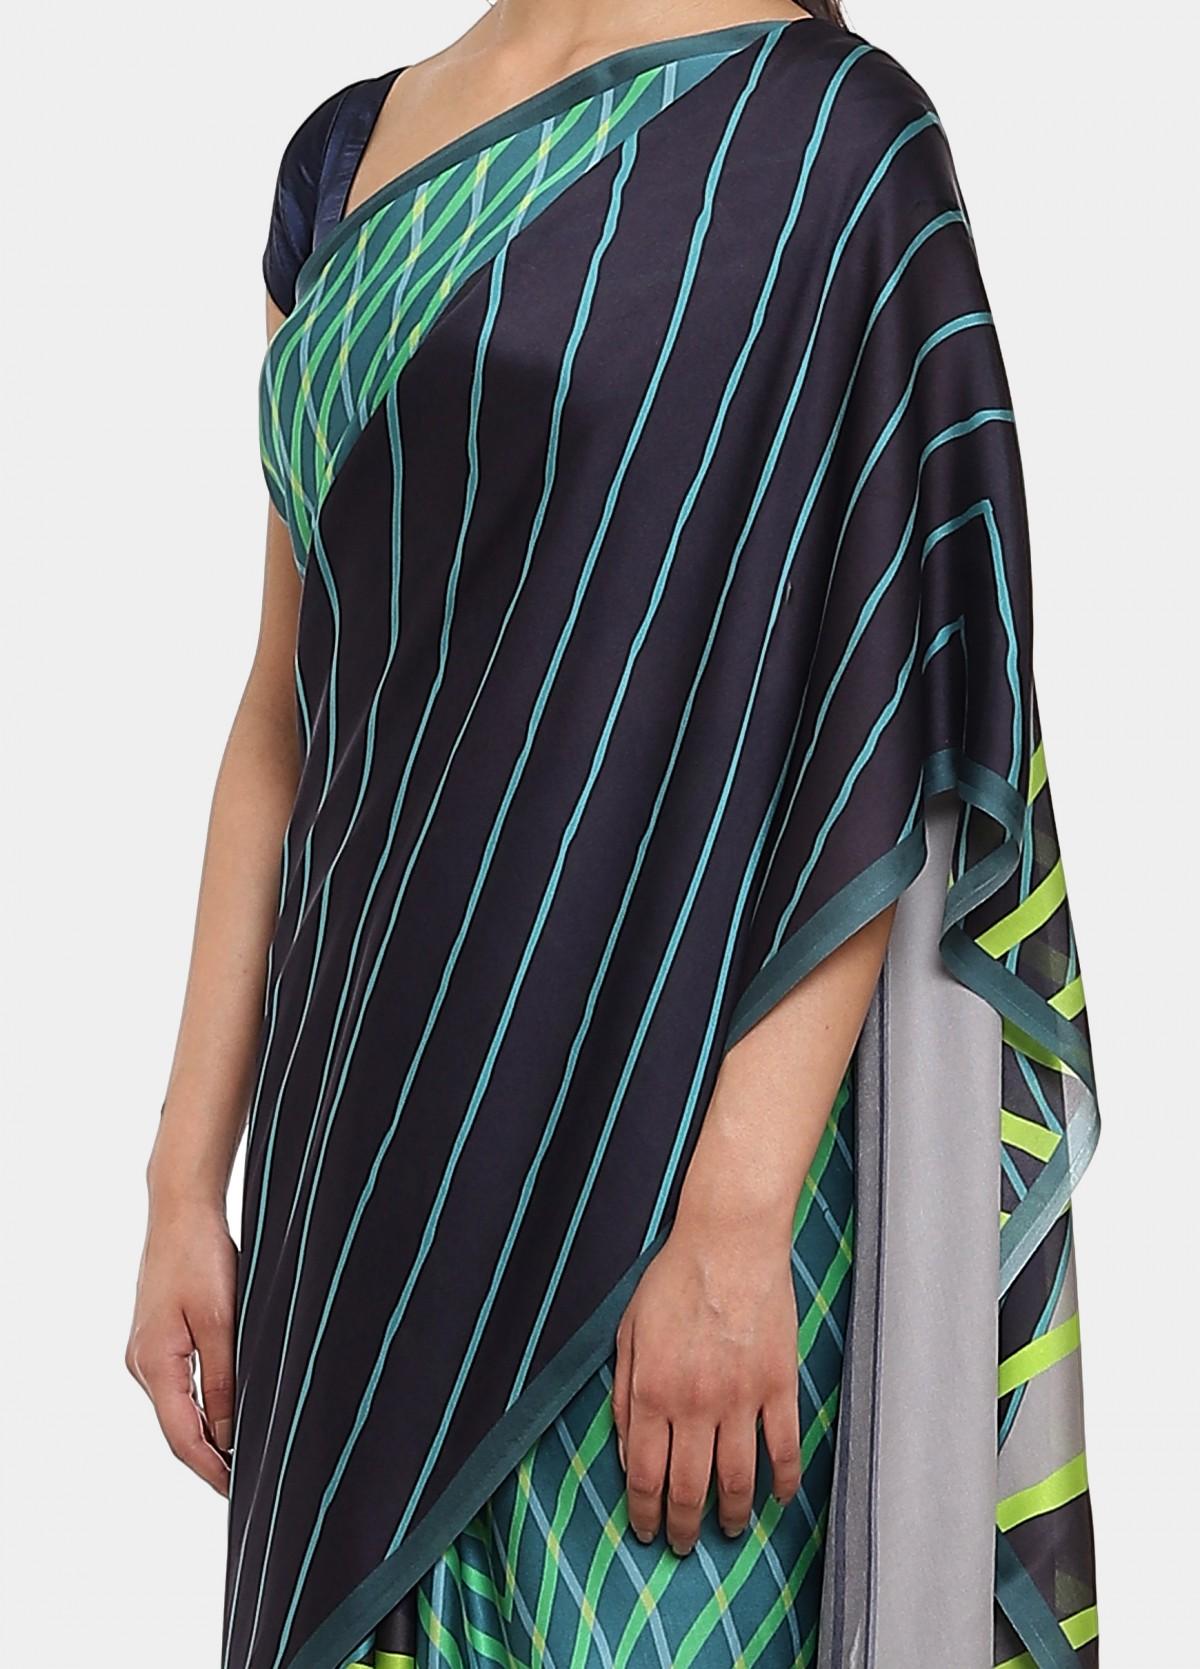 The Mothra Sari